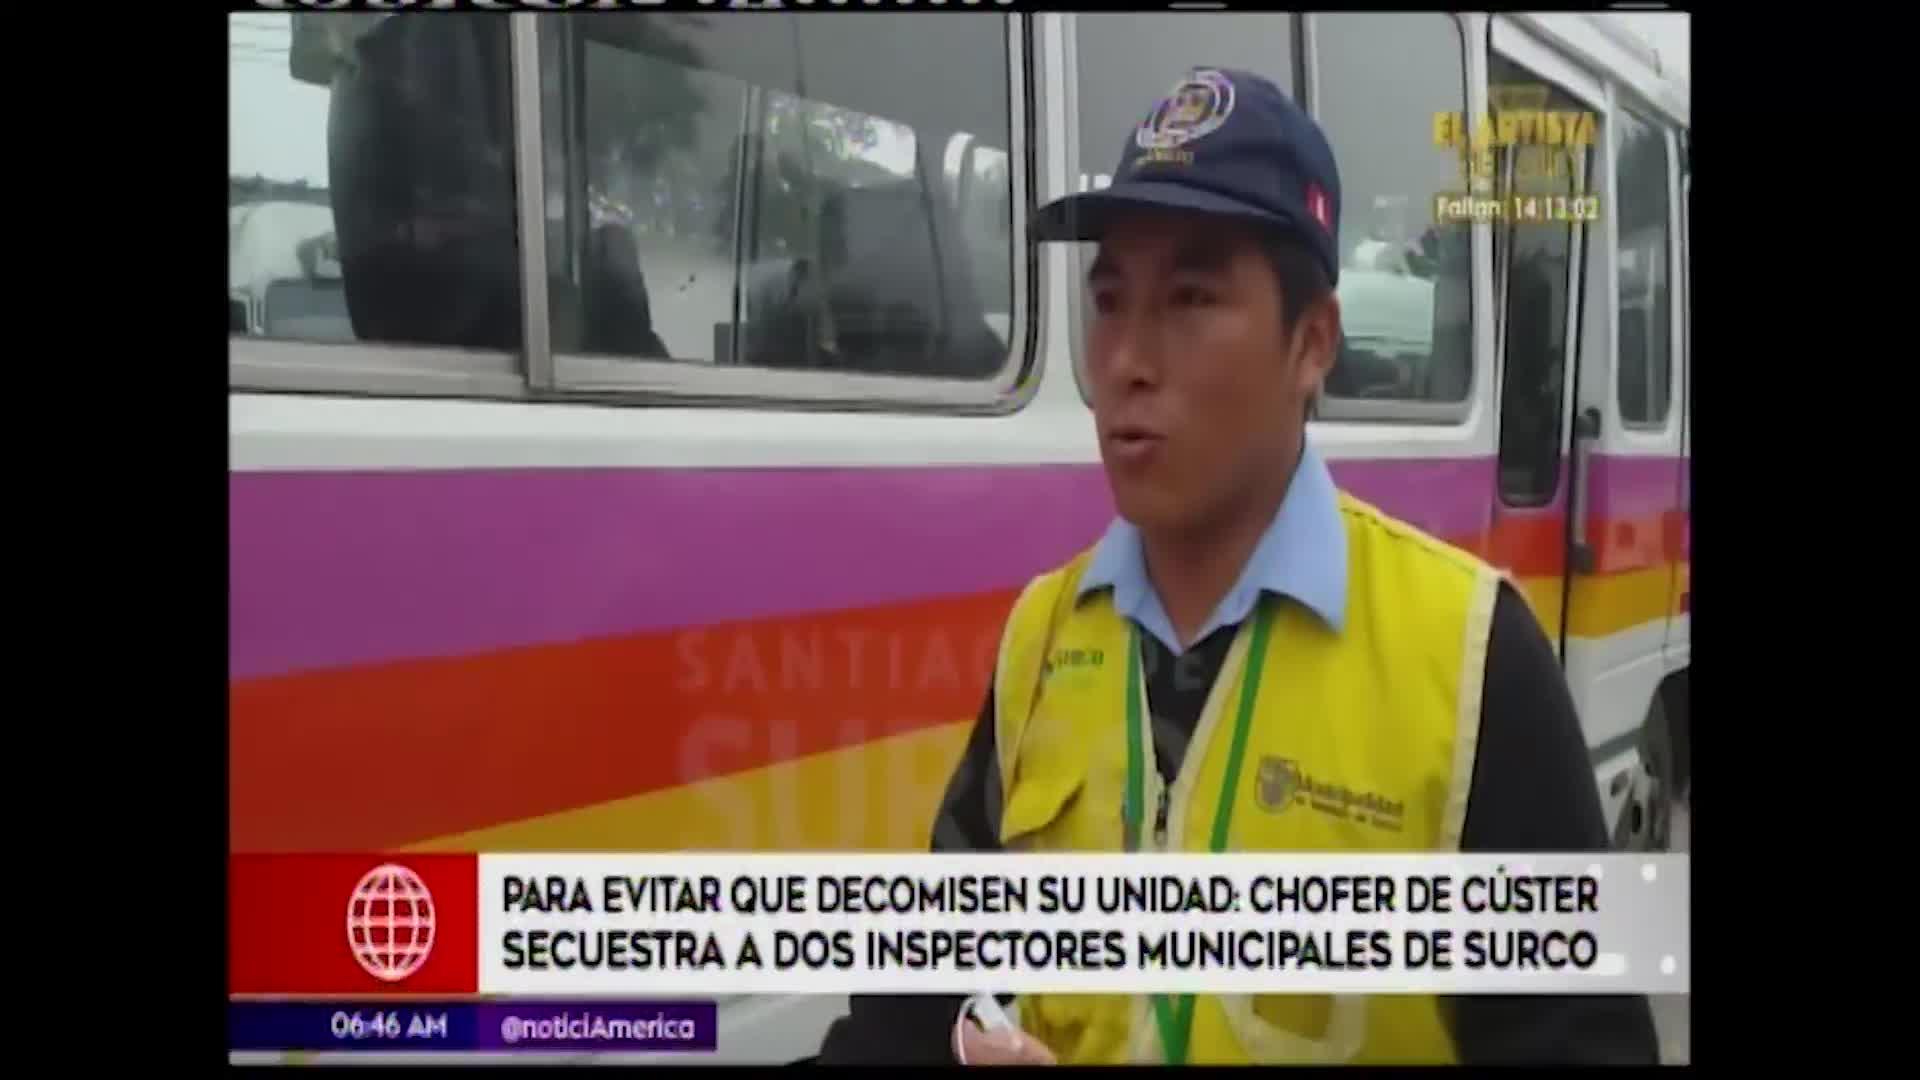 Surco: Conductor de cúster secuestra a dos inspectores municipales